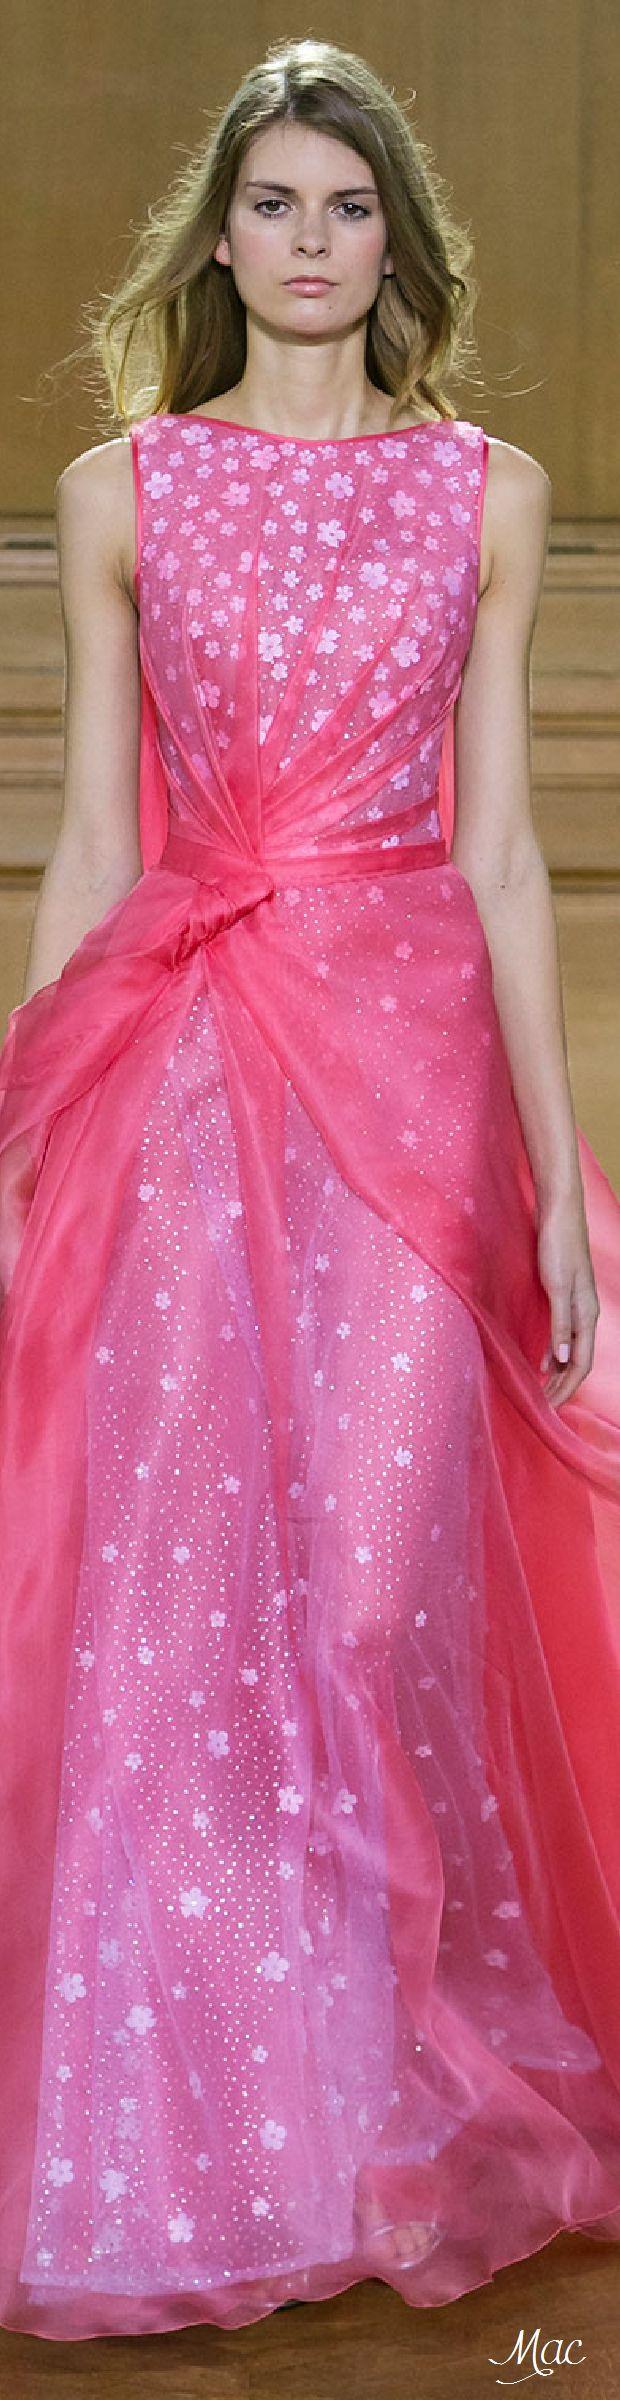 Atractivo Vestido De Novia De Jasper Conran Colección de Imágenes ...